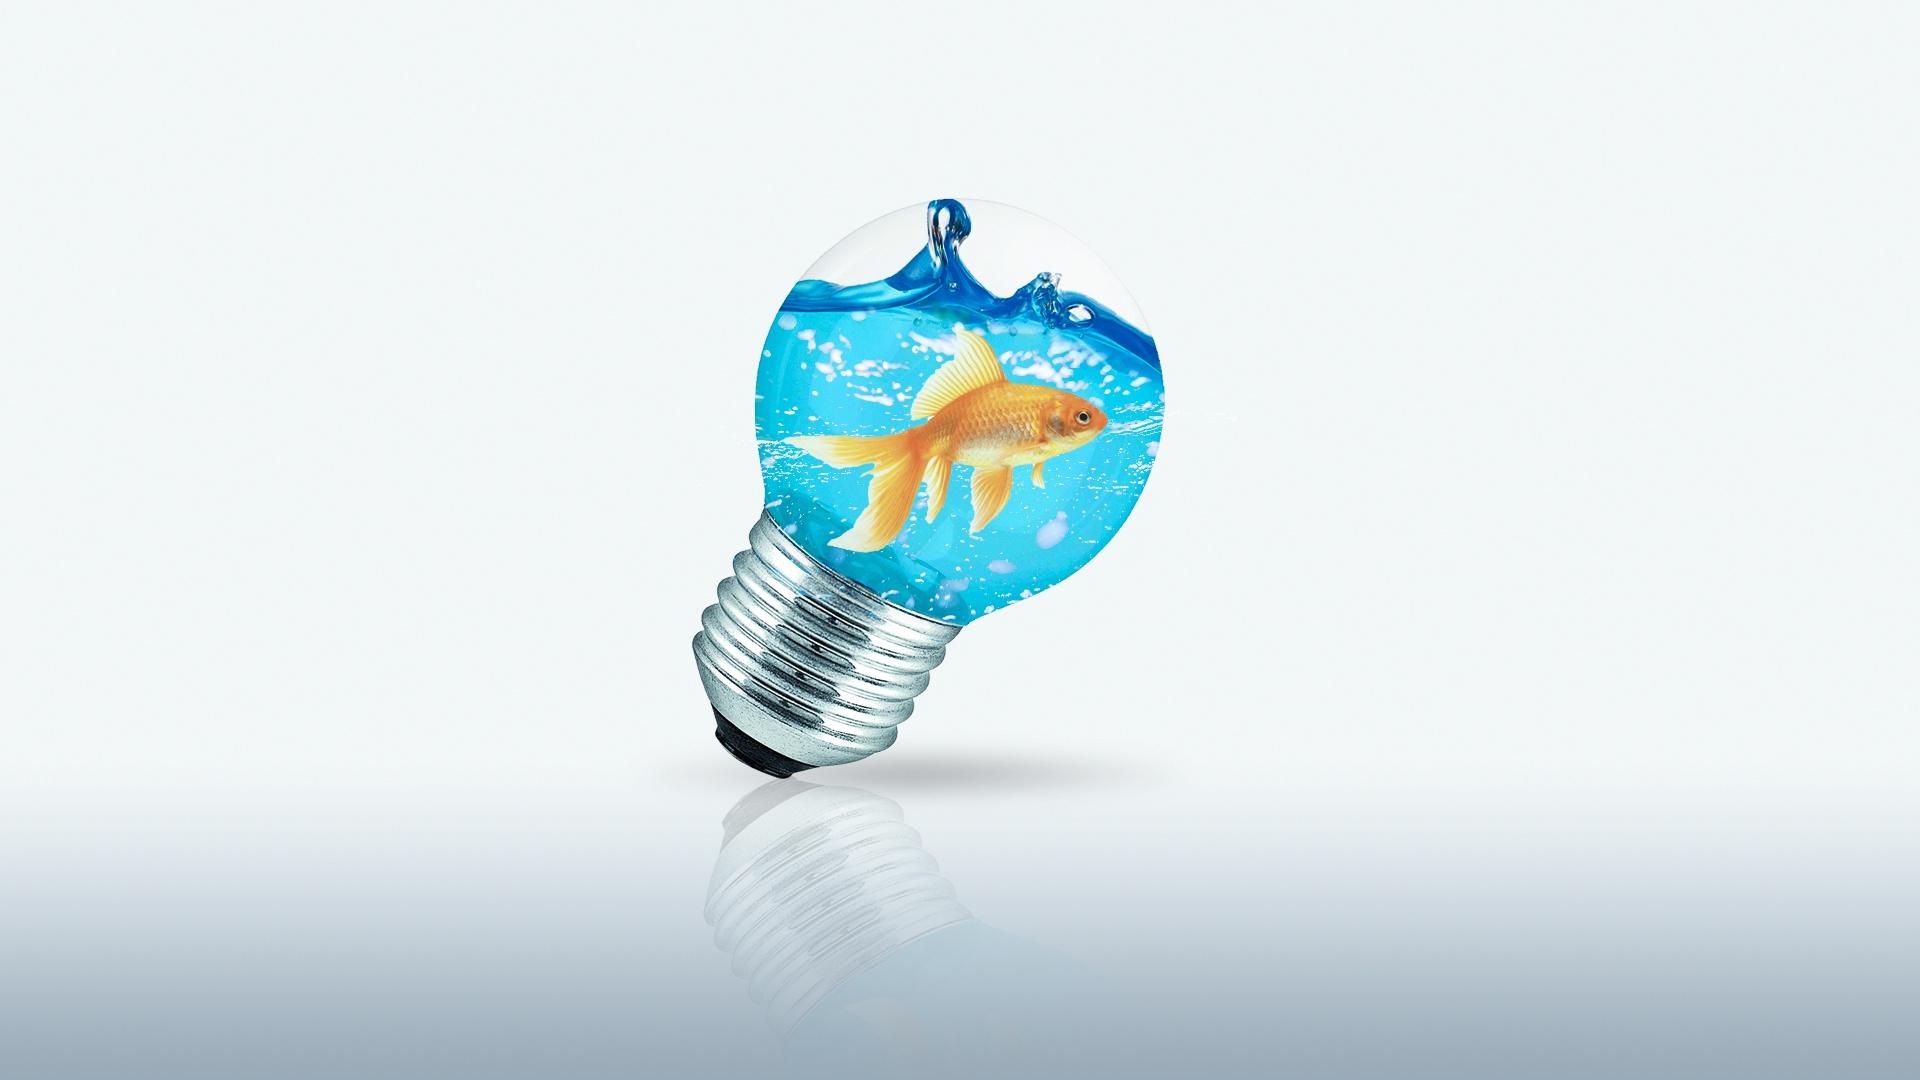 Картинки Рыбы Лампочка Креатив воде 1920x1080 лампа накаливания креативные оригинальные Вода